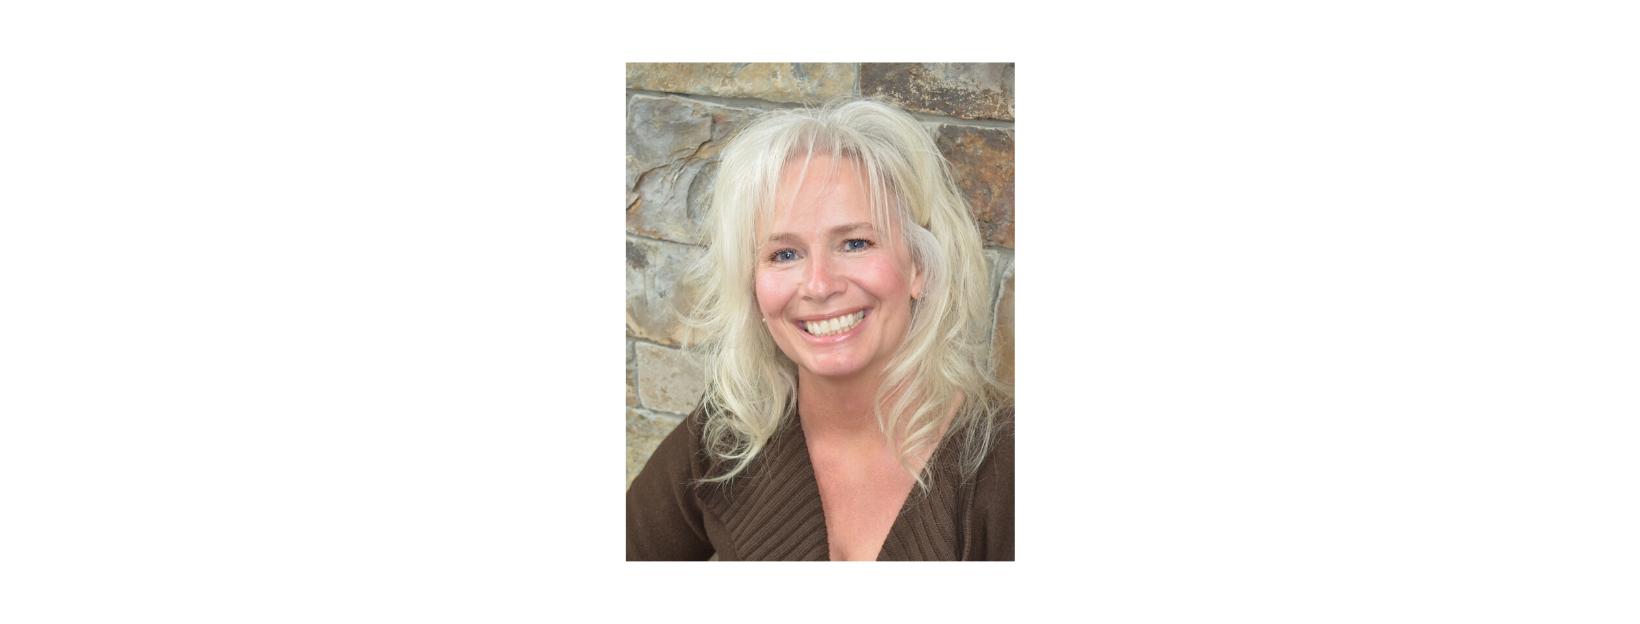 Meet Lead Trainer, Sherri Gerek!